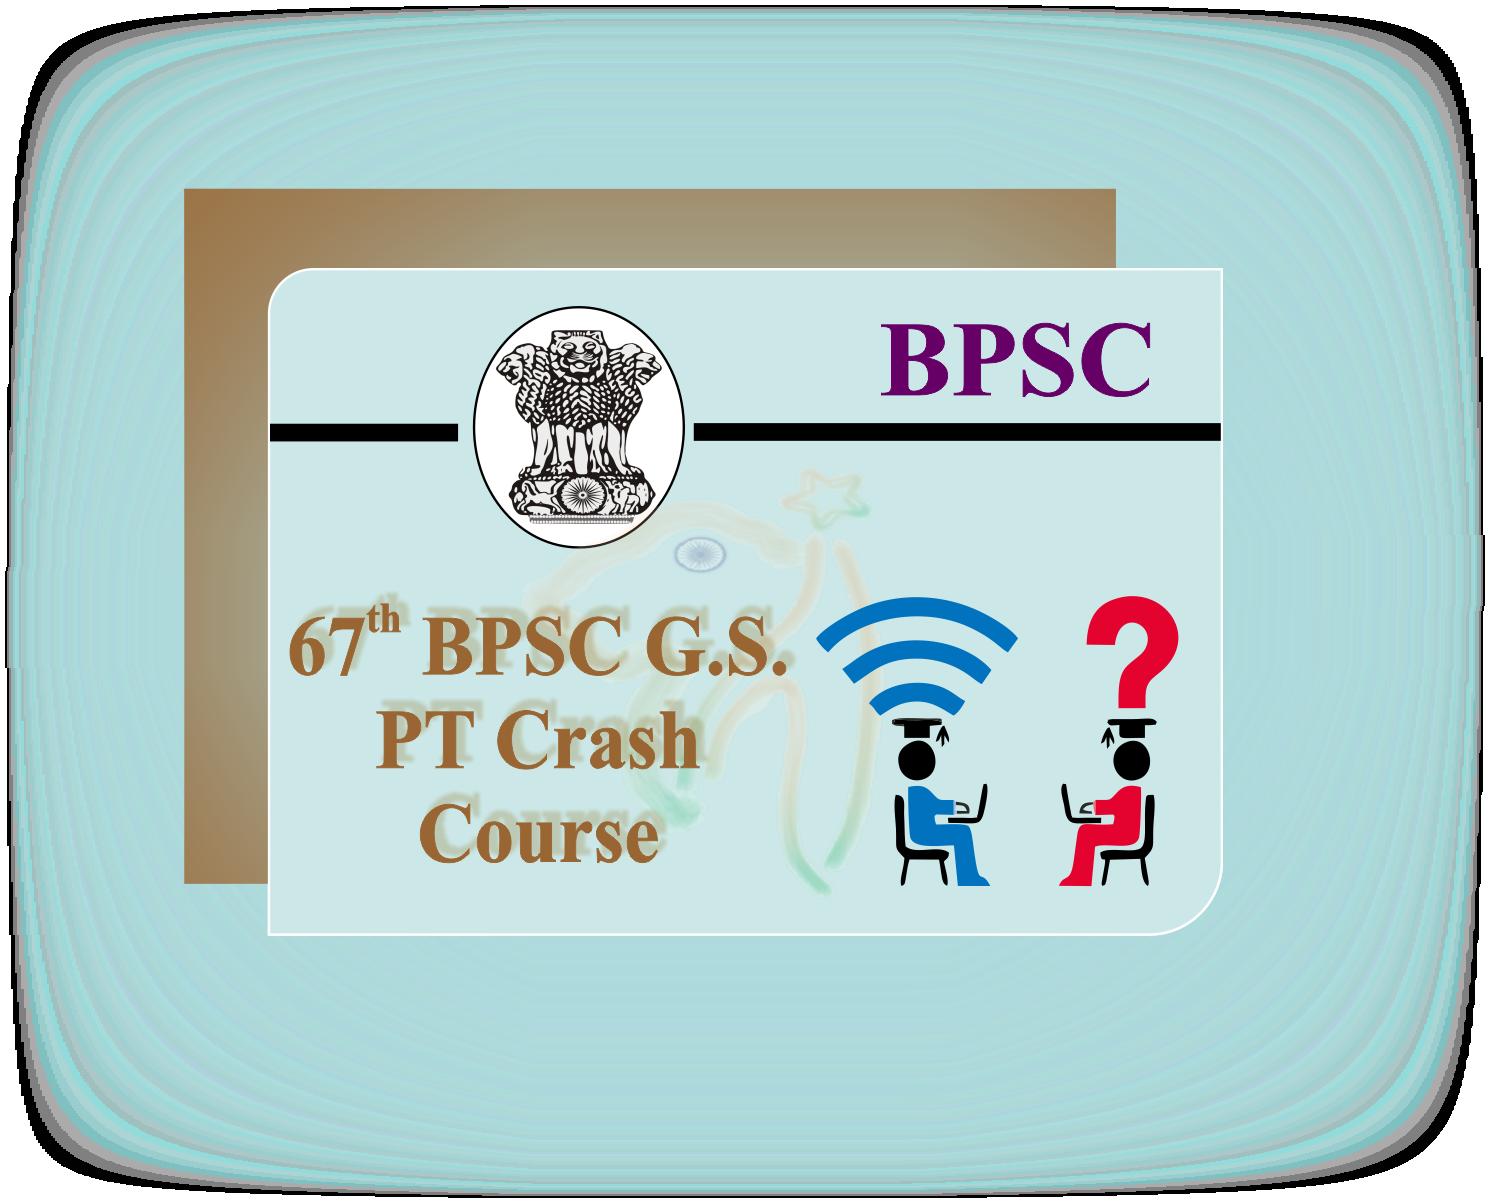 BPSC GS PT Crash Course